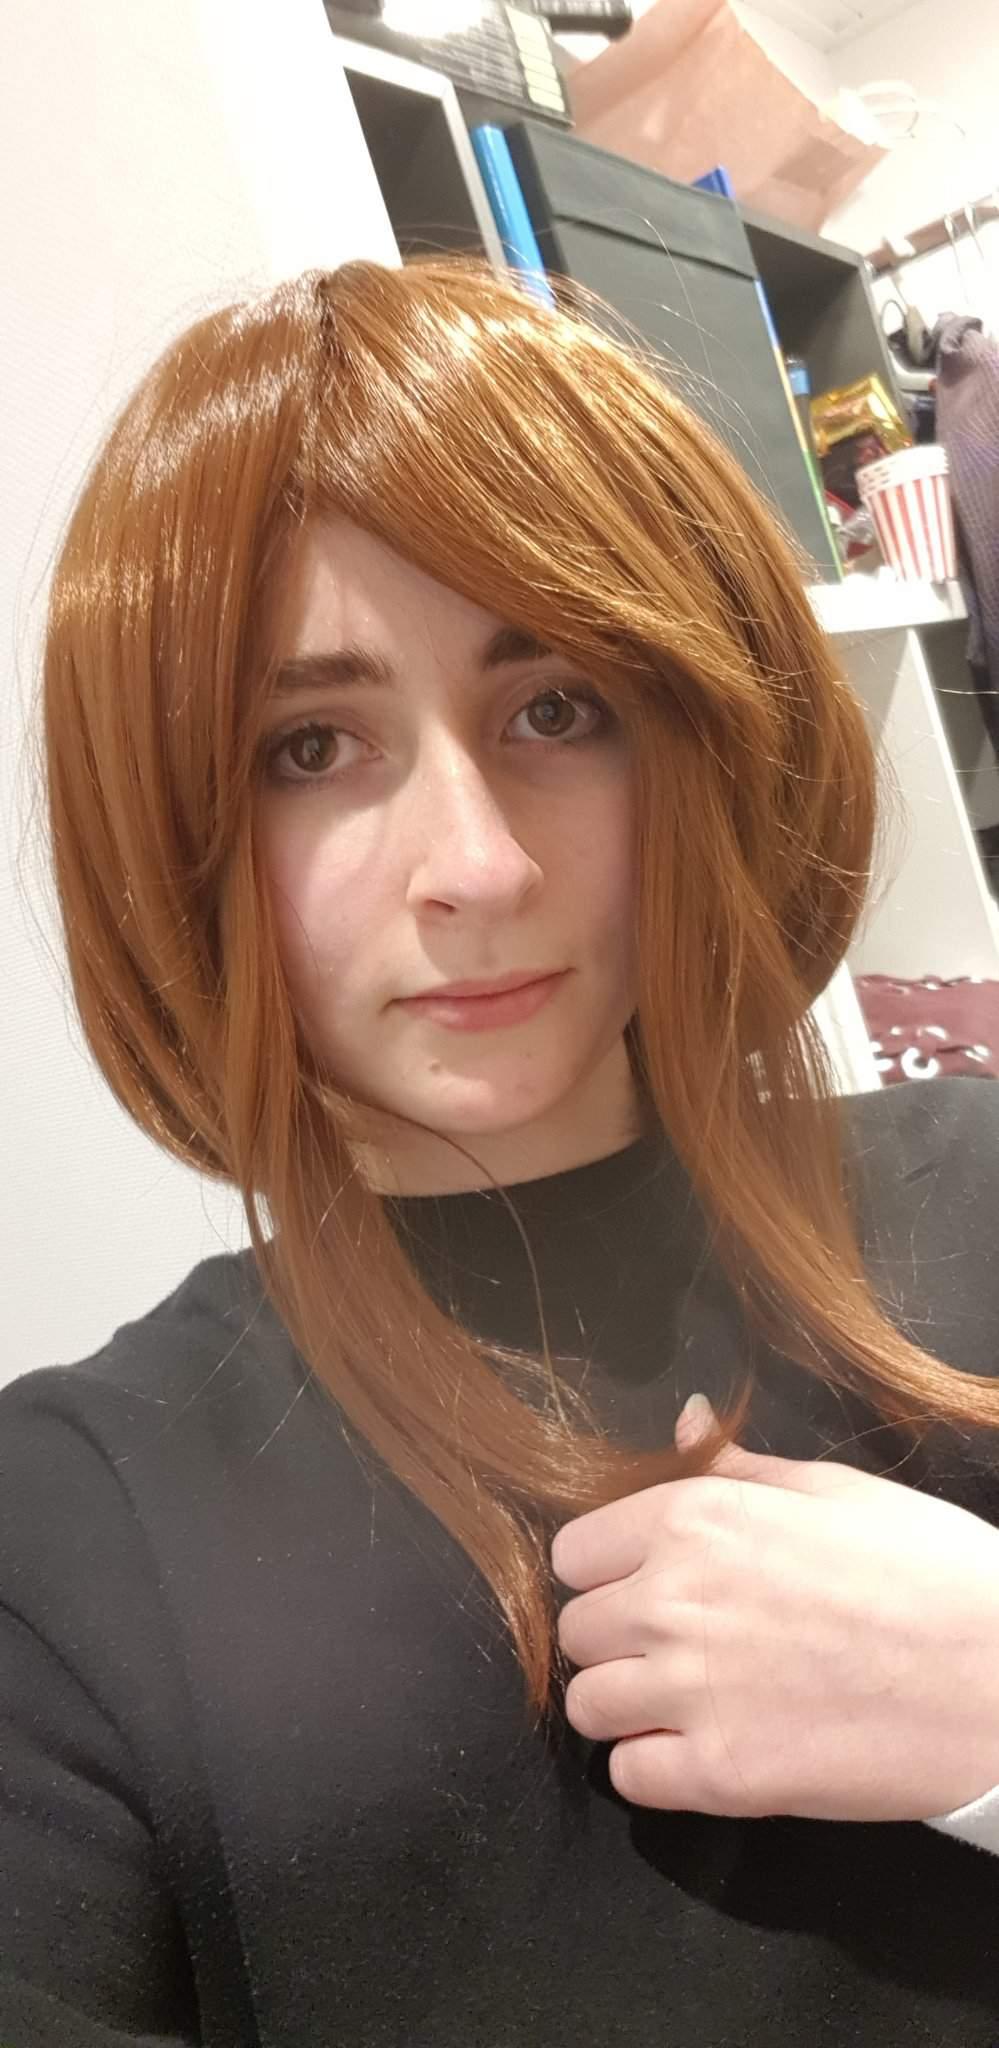 Finally got my Uraraka wig 😊 - Cosplay Amino